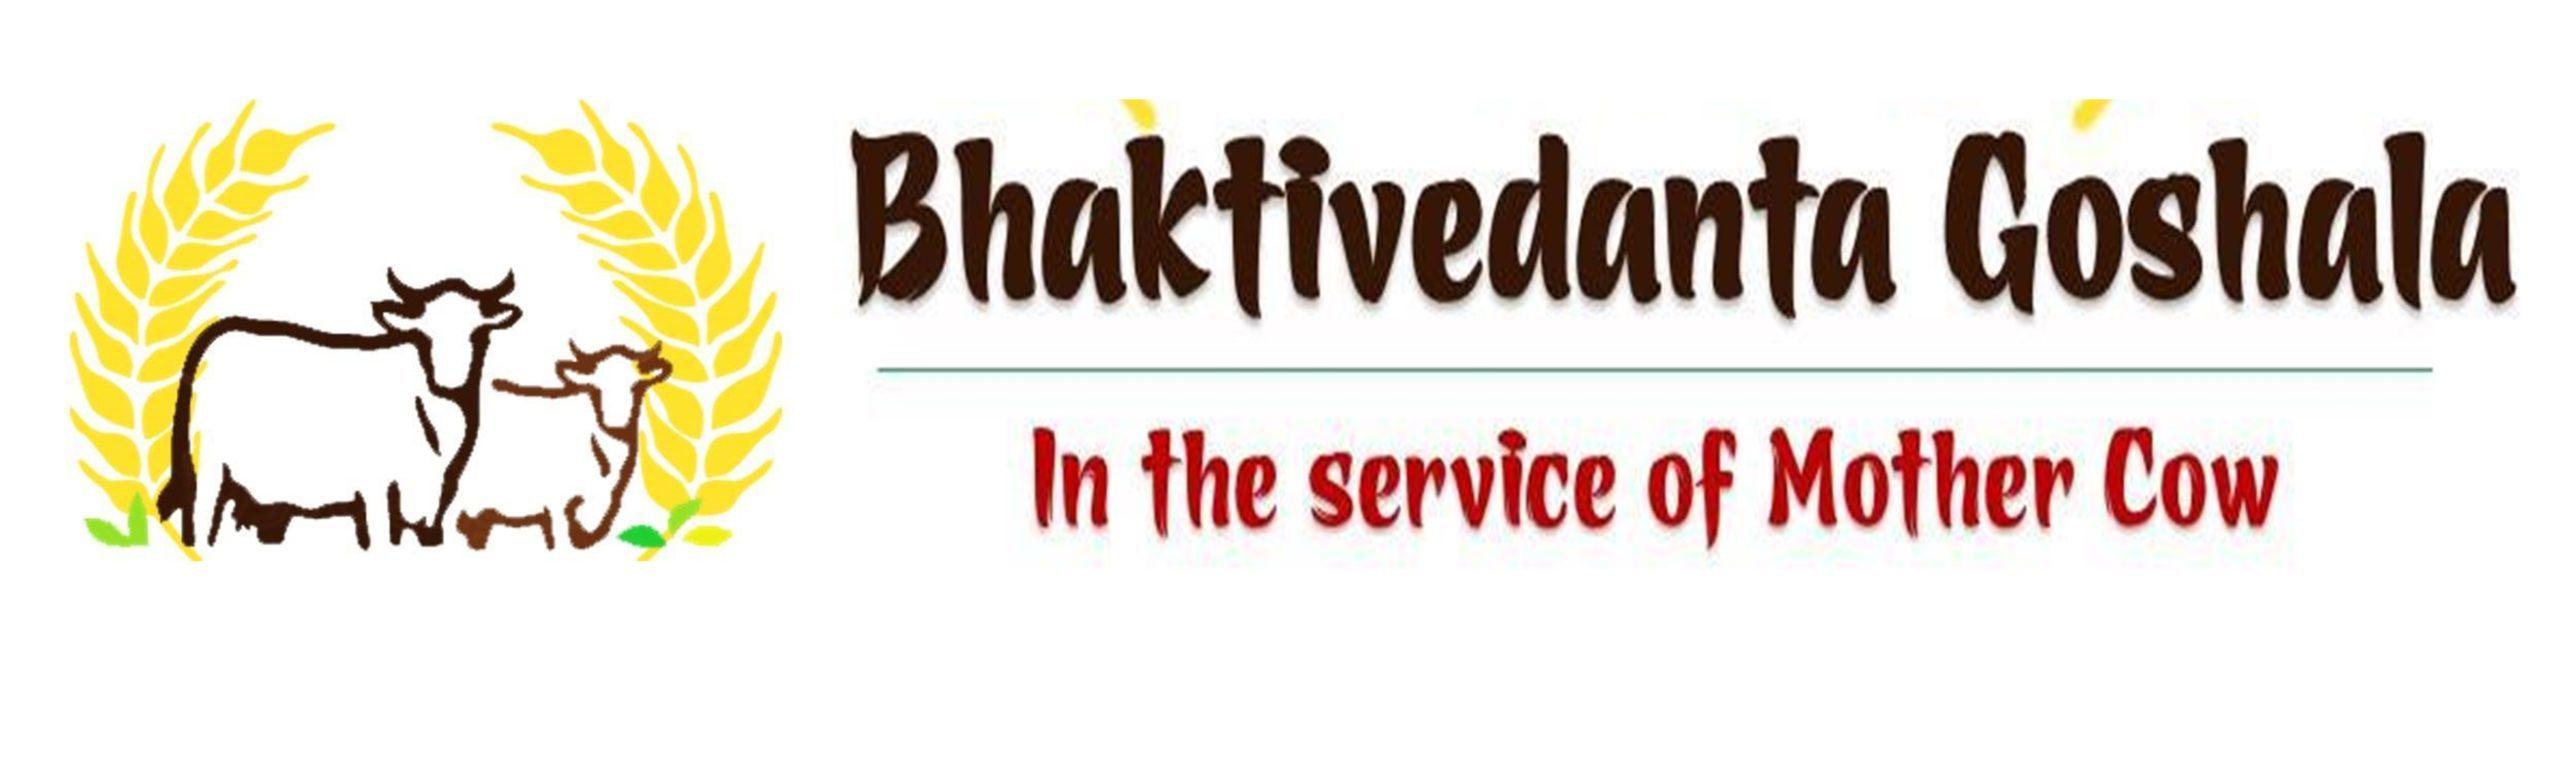 Bhaktivedanata Goshala